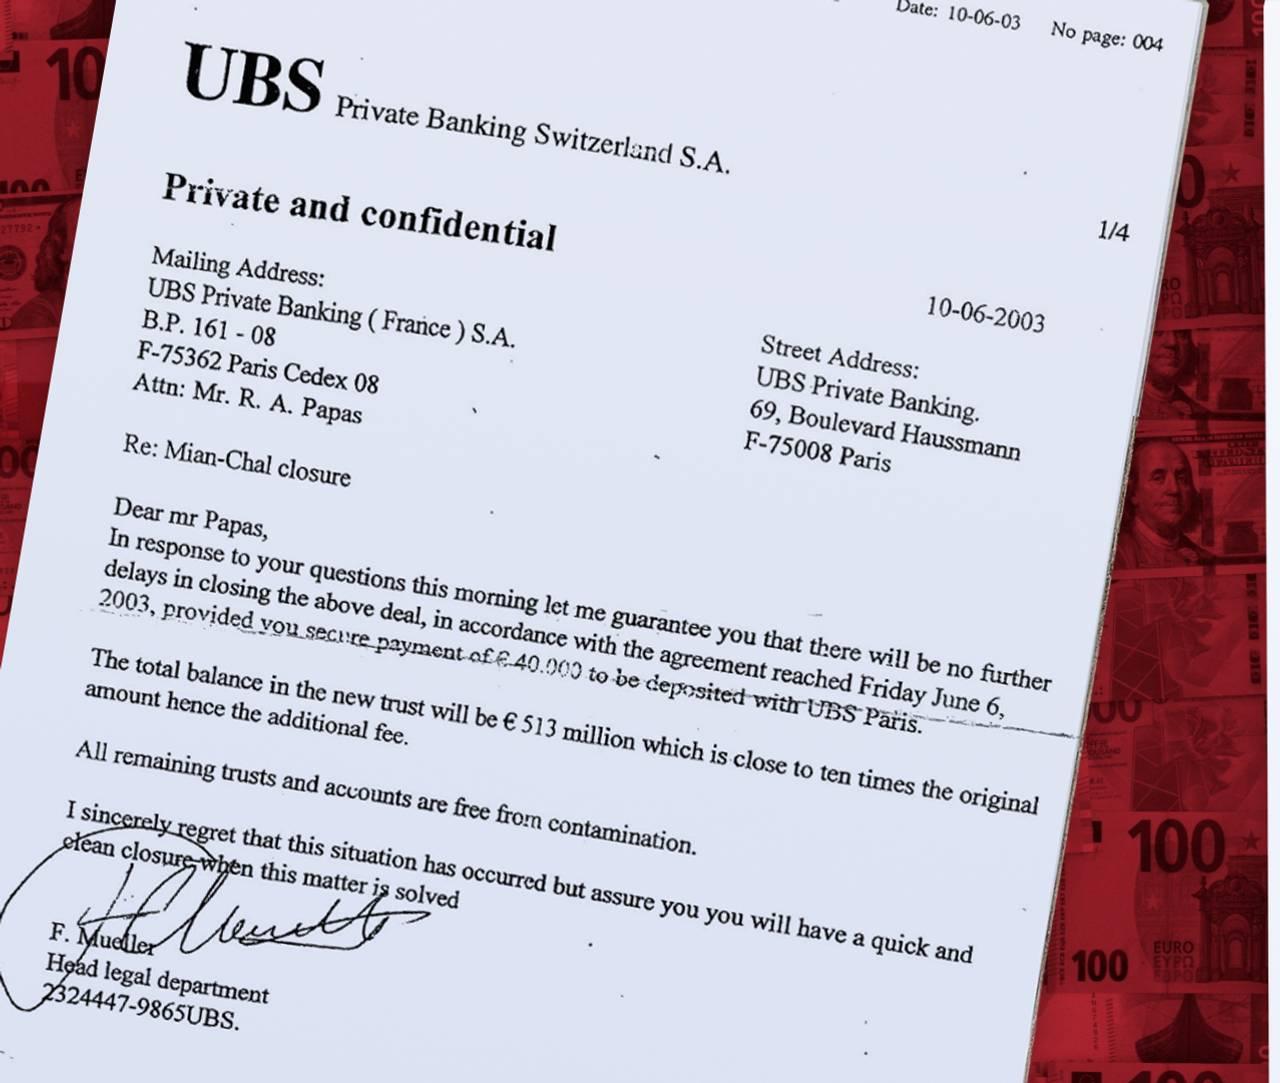 Falske papirer fra UBS